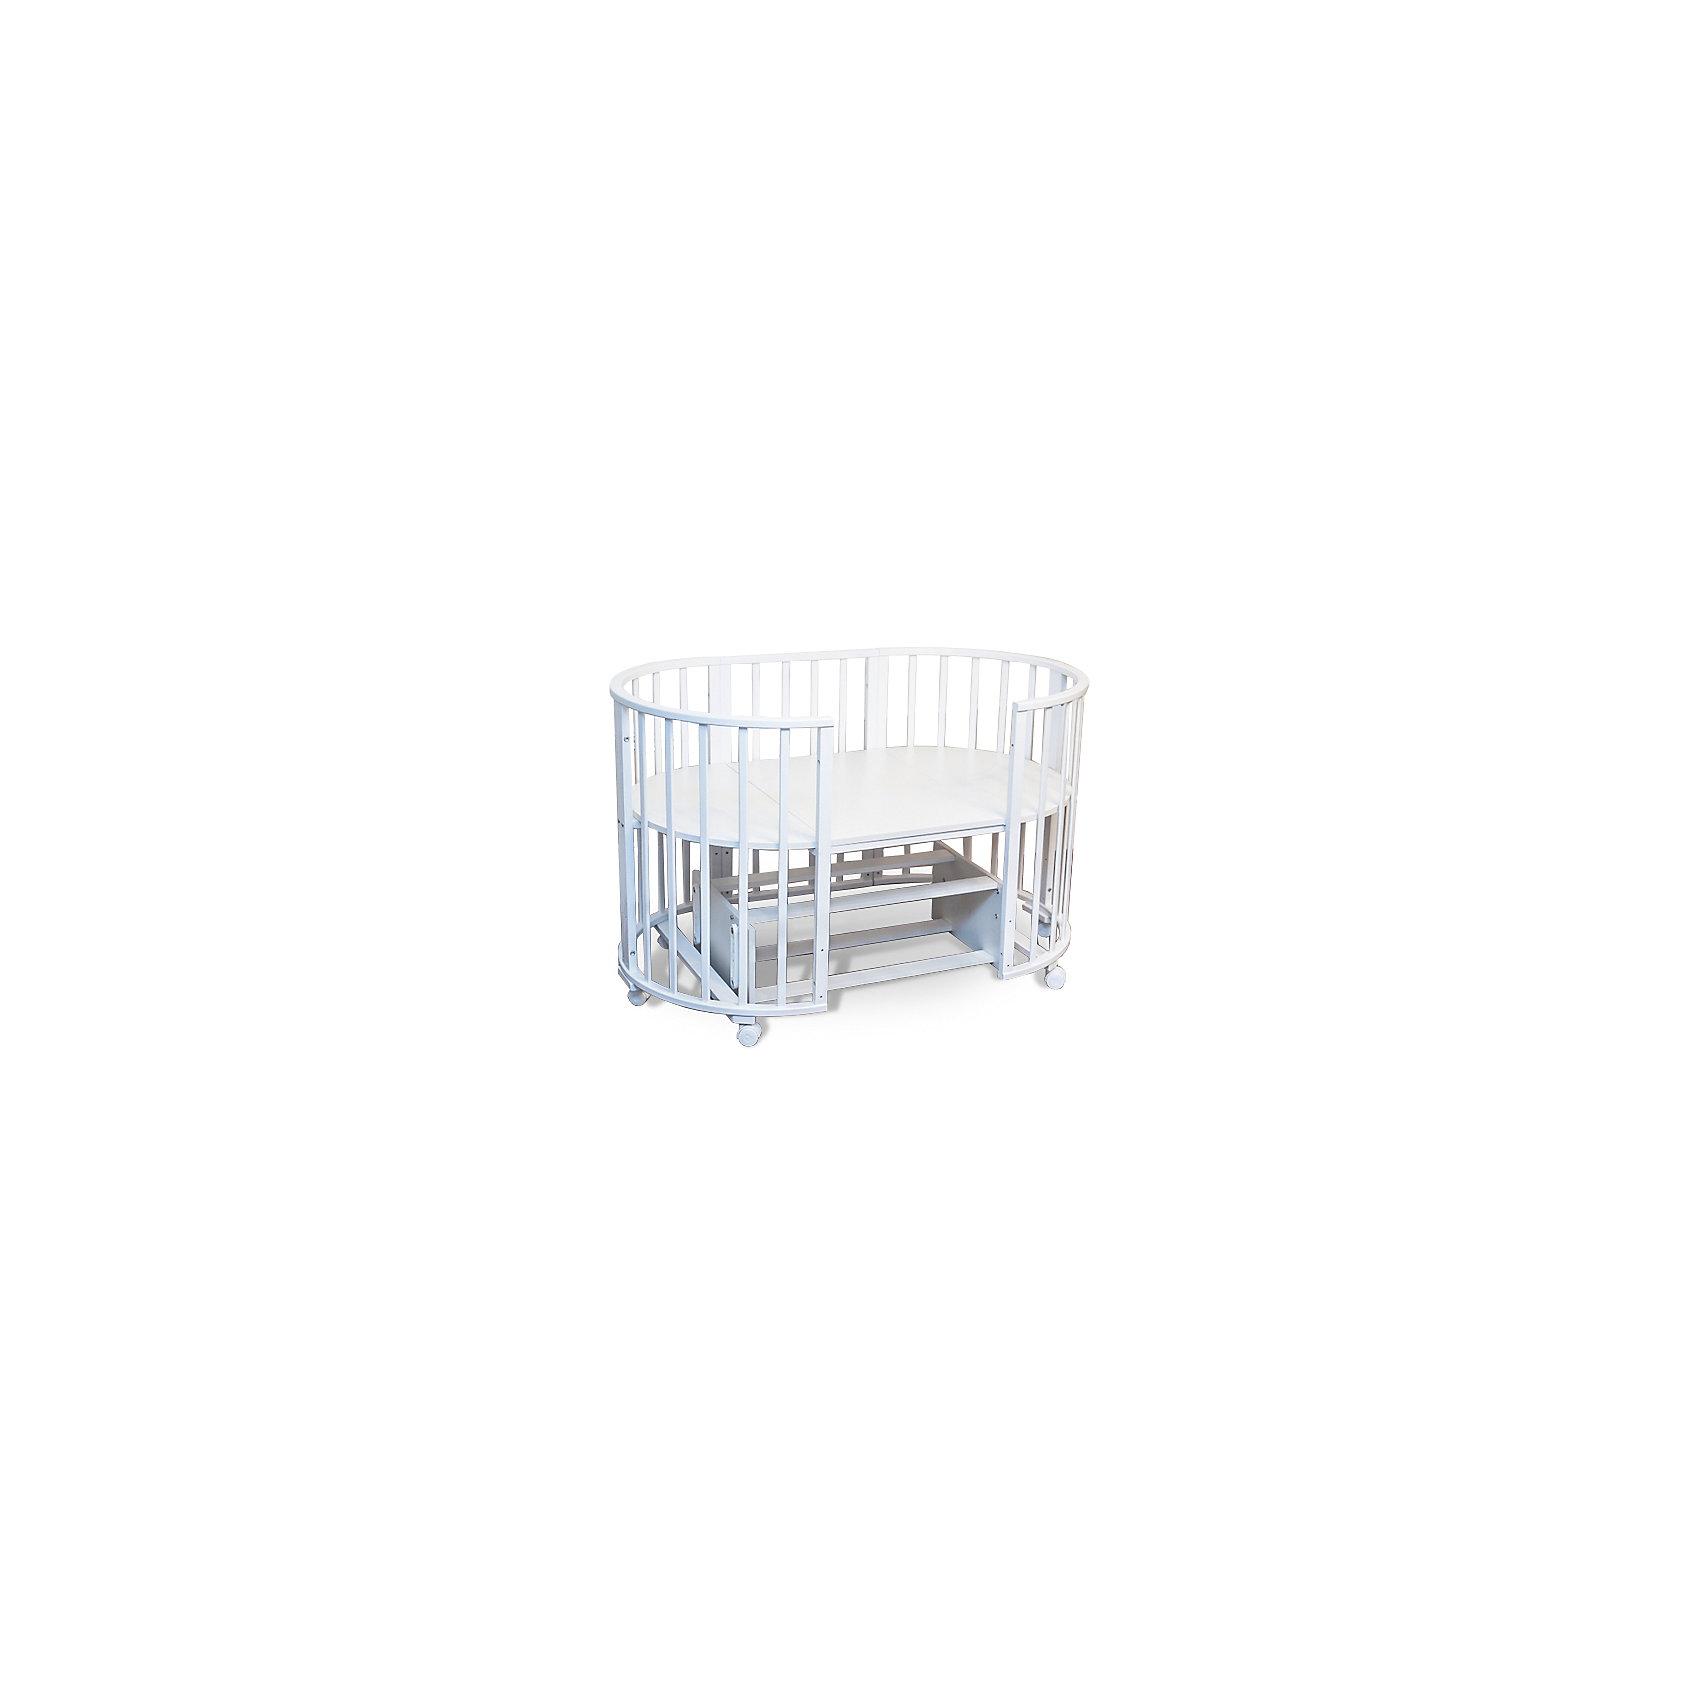 Кроватка-трансформер Delizia Bianco с маятником, Sweet Baby, белыйКроватки<br>Характеристики товара:<br><br>• цвет:  белый<br>• материал: дерево<br>• тип: трансформер 6 в 1<br>• съёмные колеса<br>• маятниковый механизм: поперечный<br>• размер спального места: 120х60 см<br>• 2 уровня ложа<br>• размер (ШхДхВ): 75х125х85 см<br><br>Кроватка-трансформер Delizia будет расти сместе с малышом. Кроватка не имеет острых углов.<br><br>Итальянский бренд Sweet Baby позаботился о комфортном сне вашего малыша благодаря плавному механизму качания поперечного маятника . <br>Кроватка оснащена специальными фиксаторами, которые приводят маятник в состояние покоя.<br><br>Два уровня ложа позволяют менять глубину кроватки по мере роста малыша, опускаемая планка поможет без труда дотянуться до малыша в кроватке.<br><br>Расстояние между рейками не дает возможность ребенку застрять между ними во время сна.<br><br>Кроватки для новорожденных SweetBaby обрабатываются нетоксичными лаками и красками, абсолютно безвредными для ребенка.<br><br>Варианты сборки:<br>• Круглая люлька (спальное место: диаметр 75см)<br>• Высота от пола до верхнего края - 85 см<br>• Овальная детская кровать (спальное место: 125х75см)<br>• Овальный диван.<br>• Манеж круглый или овальный.<br>• Стул и столик.<br><br>Кроватку-трансформер Delizia  Bianco с маятником, Sweet Baby можно купить в нашем интернет-магазине.<br><br>Ширина мм: 600<br>Глубина мм: 350<br>Высота мм: 800<br>Вес г: 28700<br>Возраст от месяцев: 0<br>Возраст до месяцев: 36<br>Пол: Унисекс<br>Возраст: Детский<br>SKU: 5583556